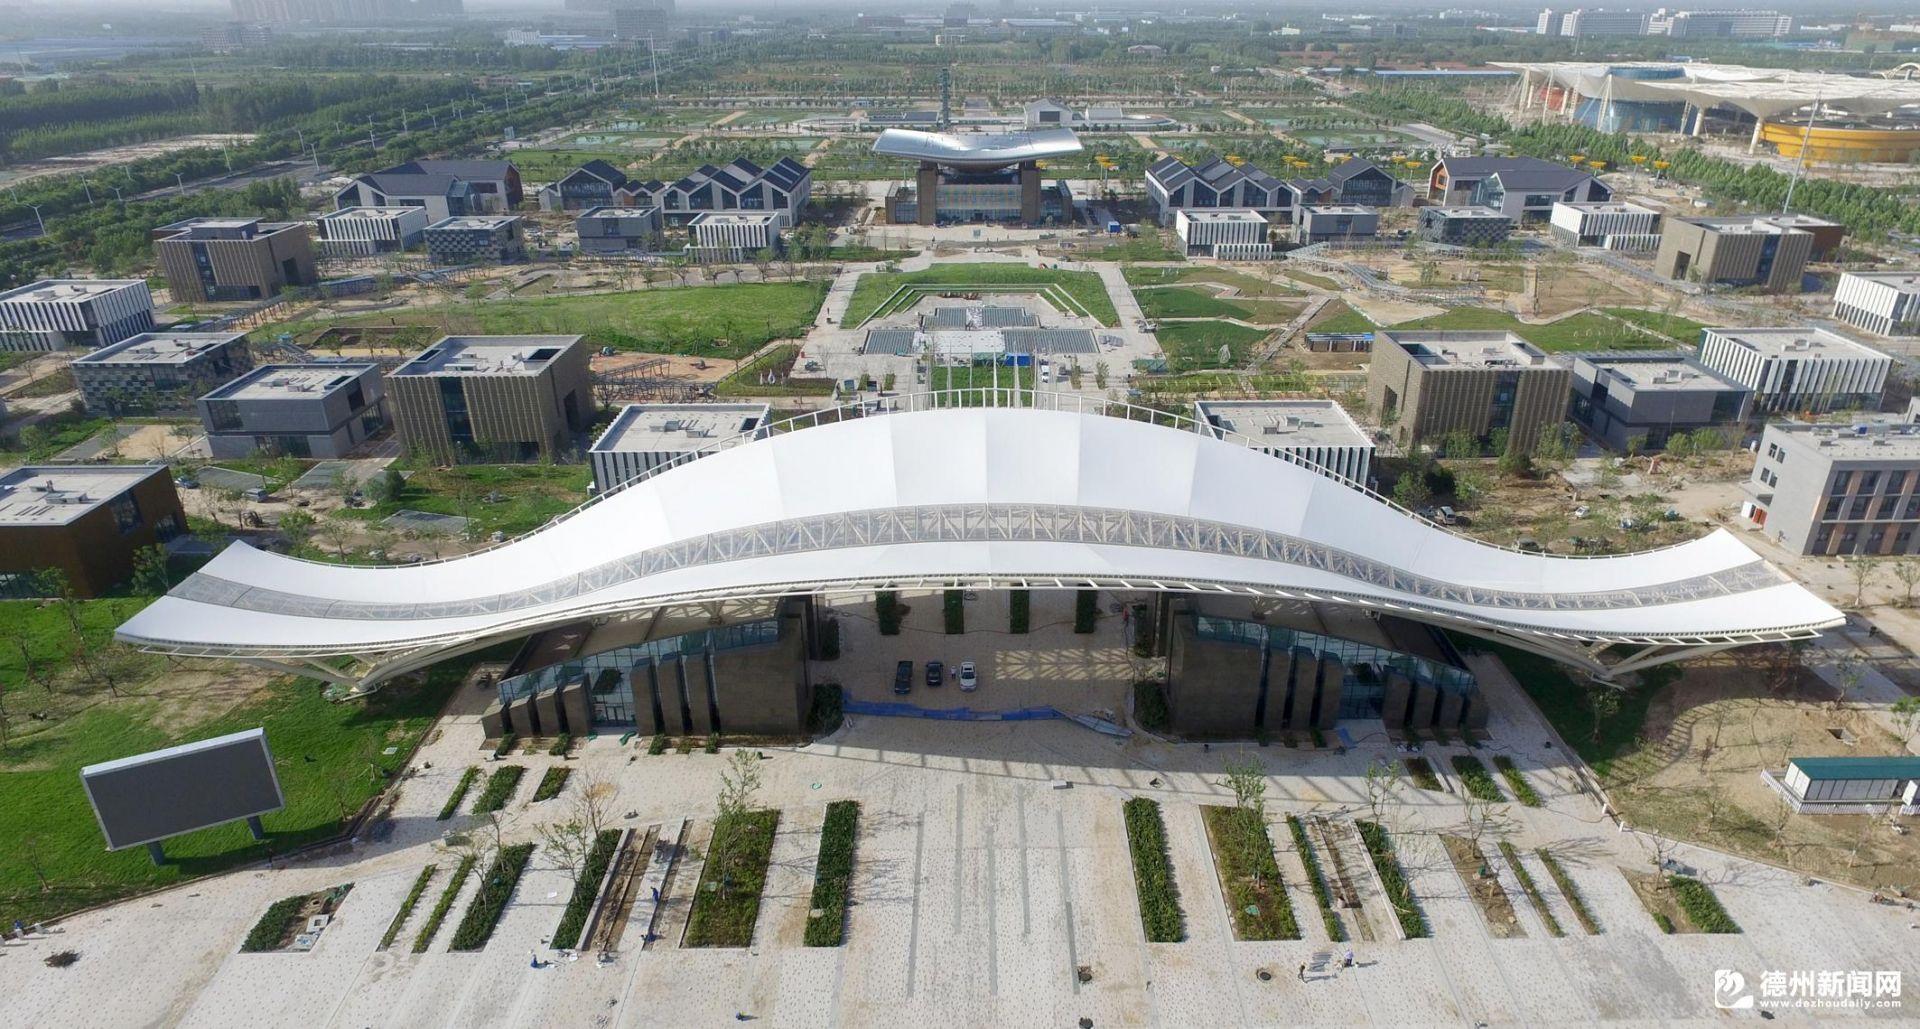 第二届中国国际太阳能十项全能竞赛将于下月在德州举办